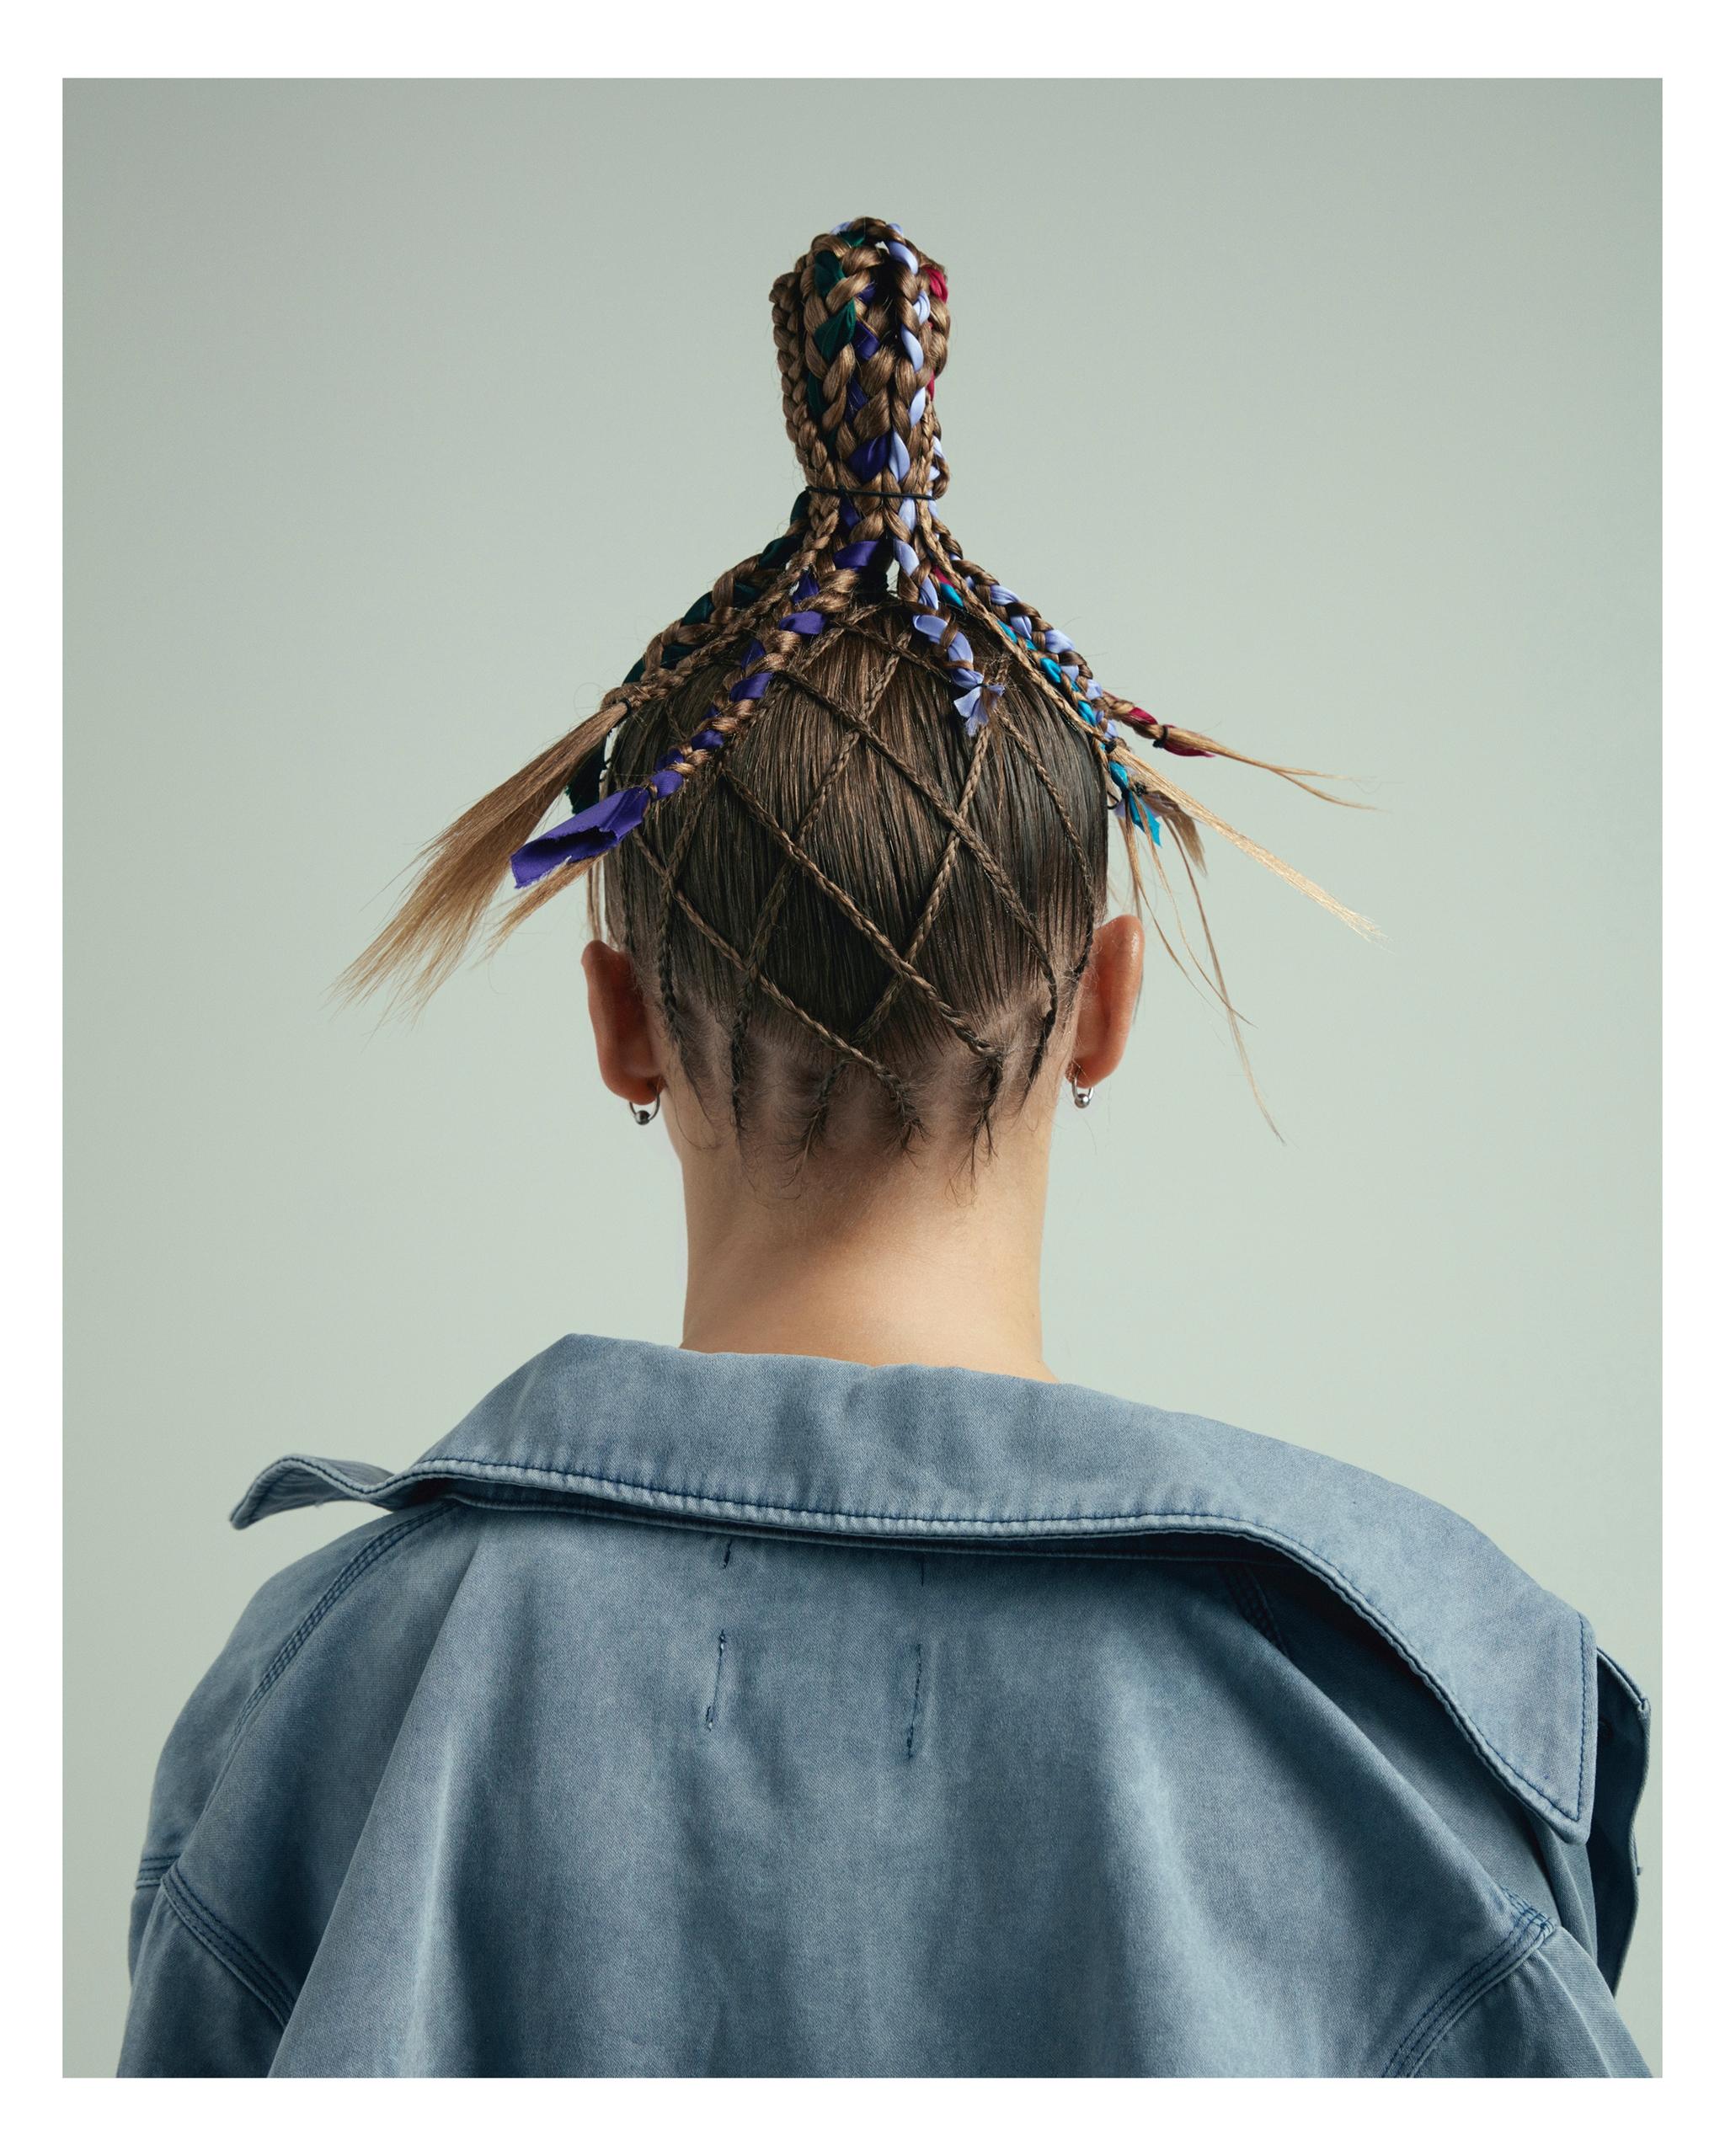 Infringe Magazine - editorial, fashion - wannerstedt | ello